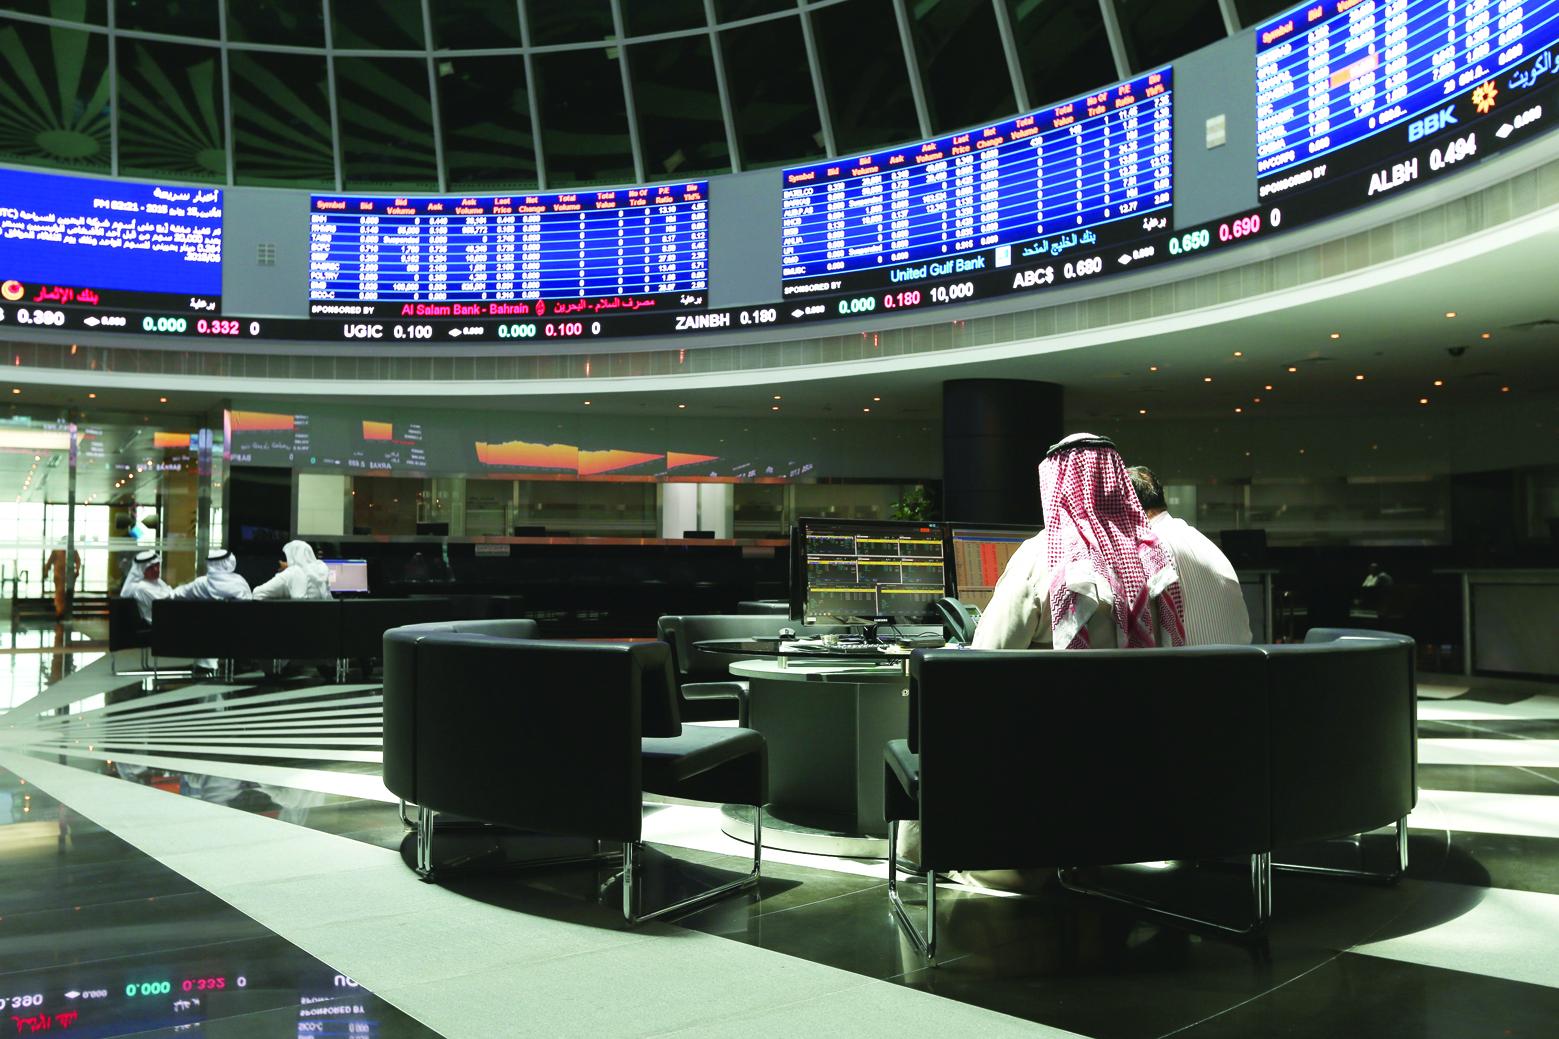 4.3 مليار ريال استثمارات سعودية في بورصة البحرين.. تشكل 14 % من السوق   صحيفة الاقتصادية